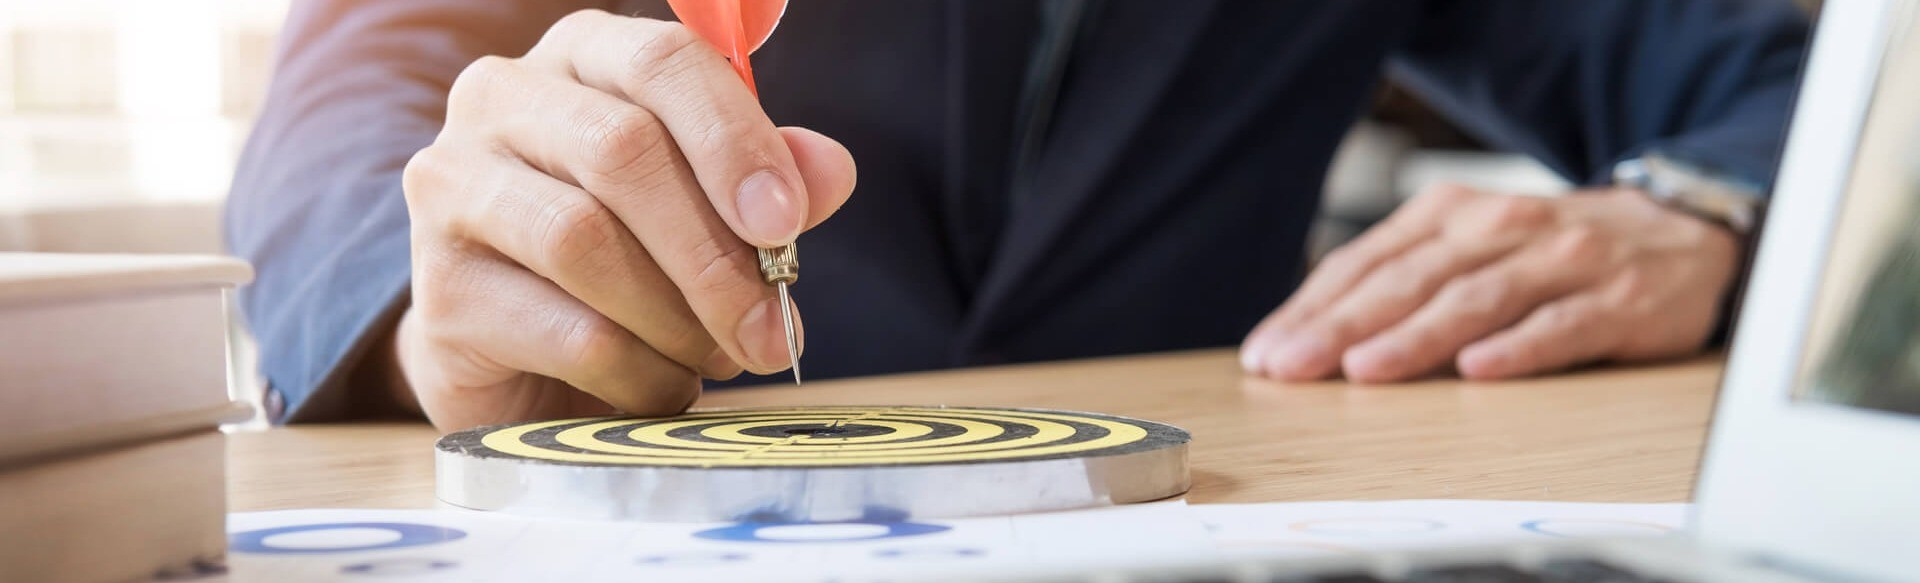 Metas financeiras: como definir e cumprir?